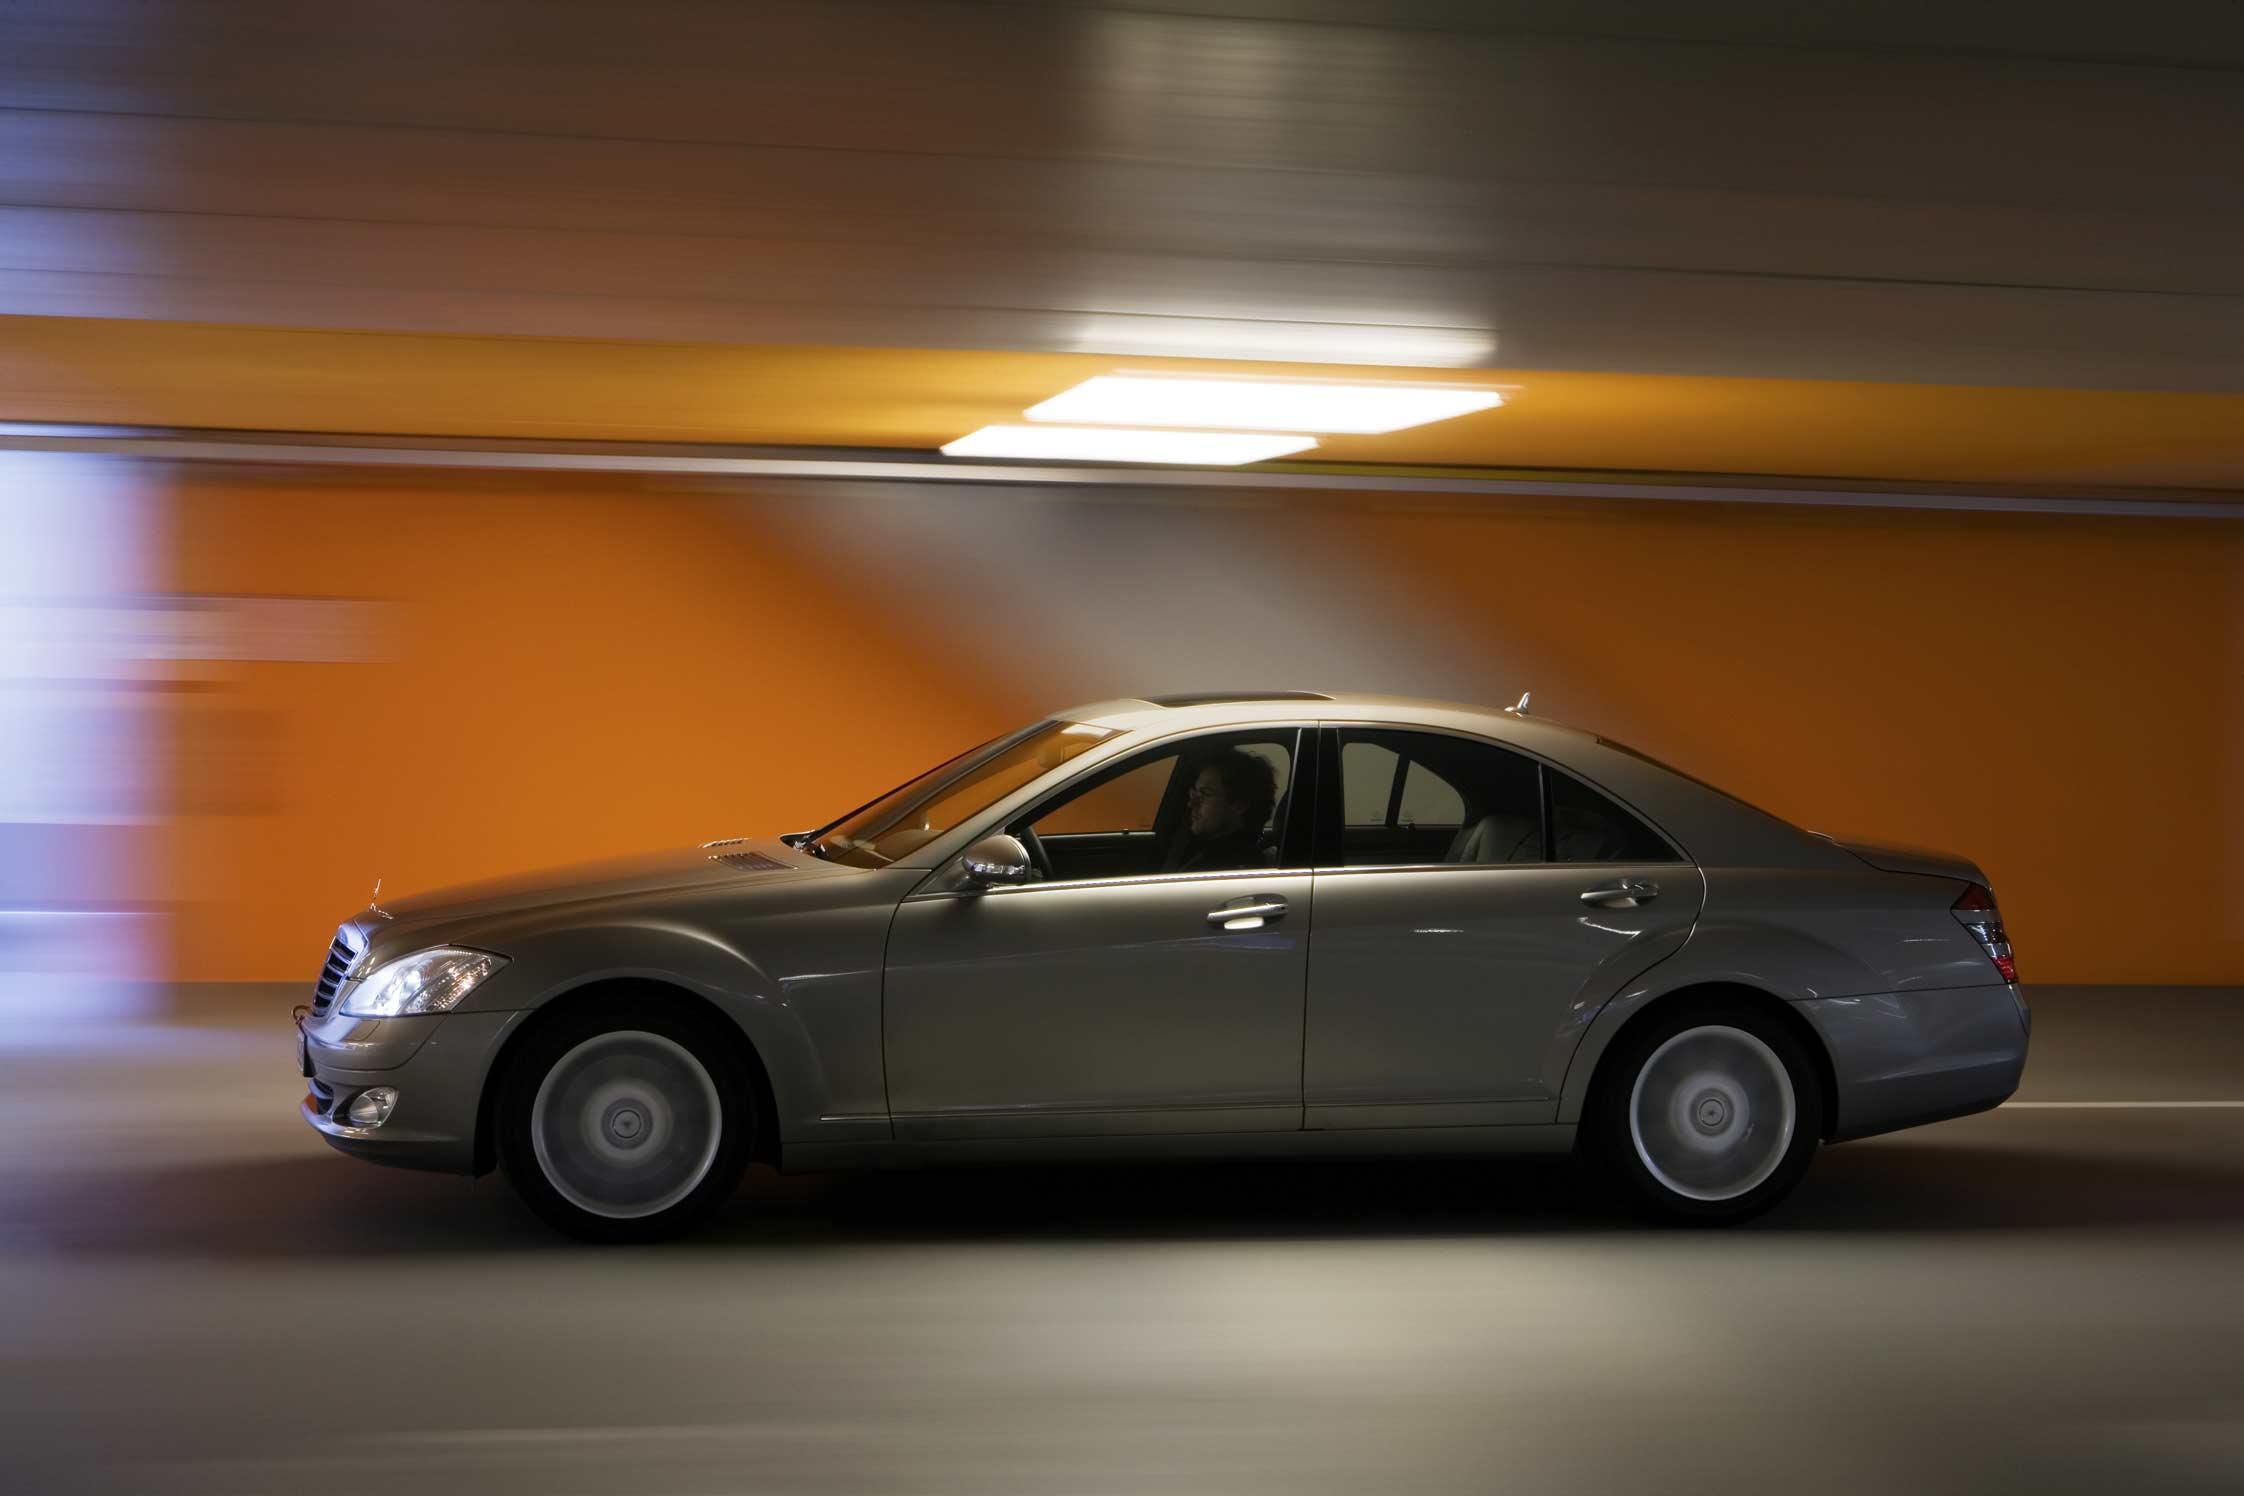 Essai Mercedes Classe S 420 Cdi Motorlegend